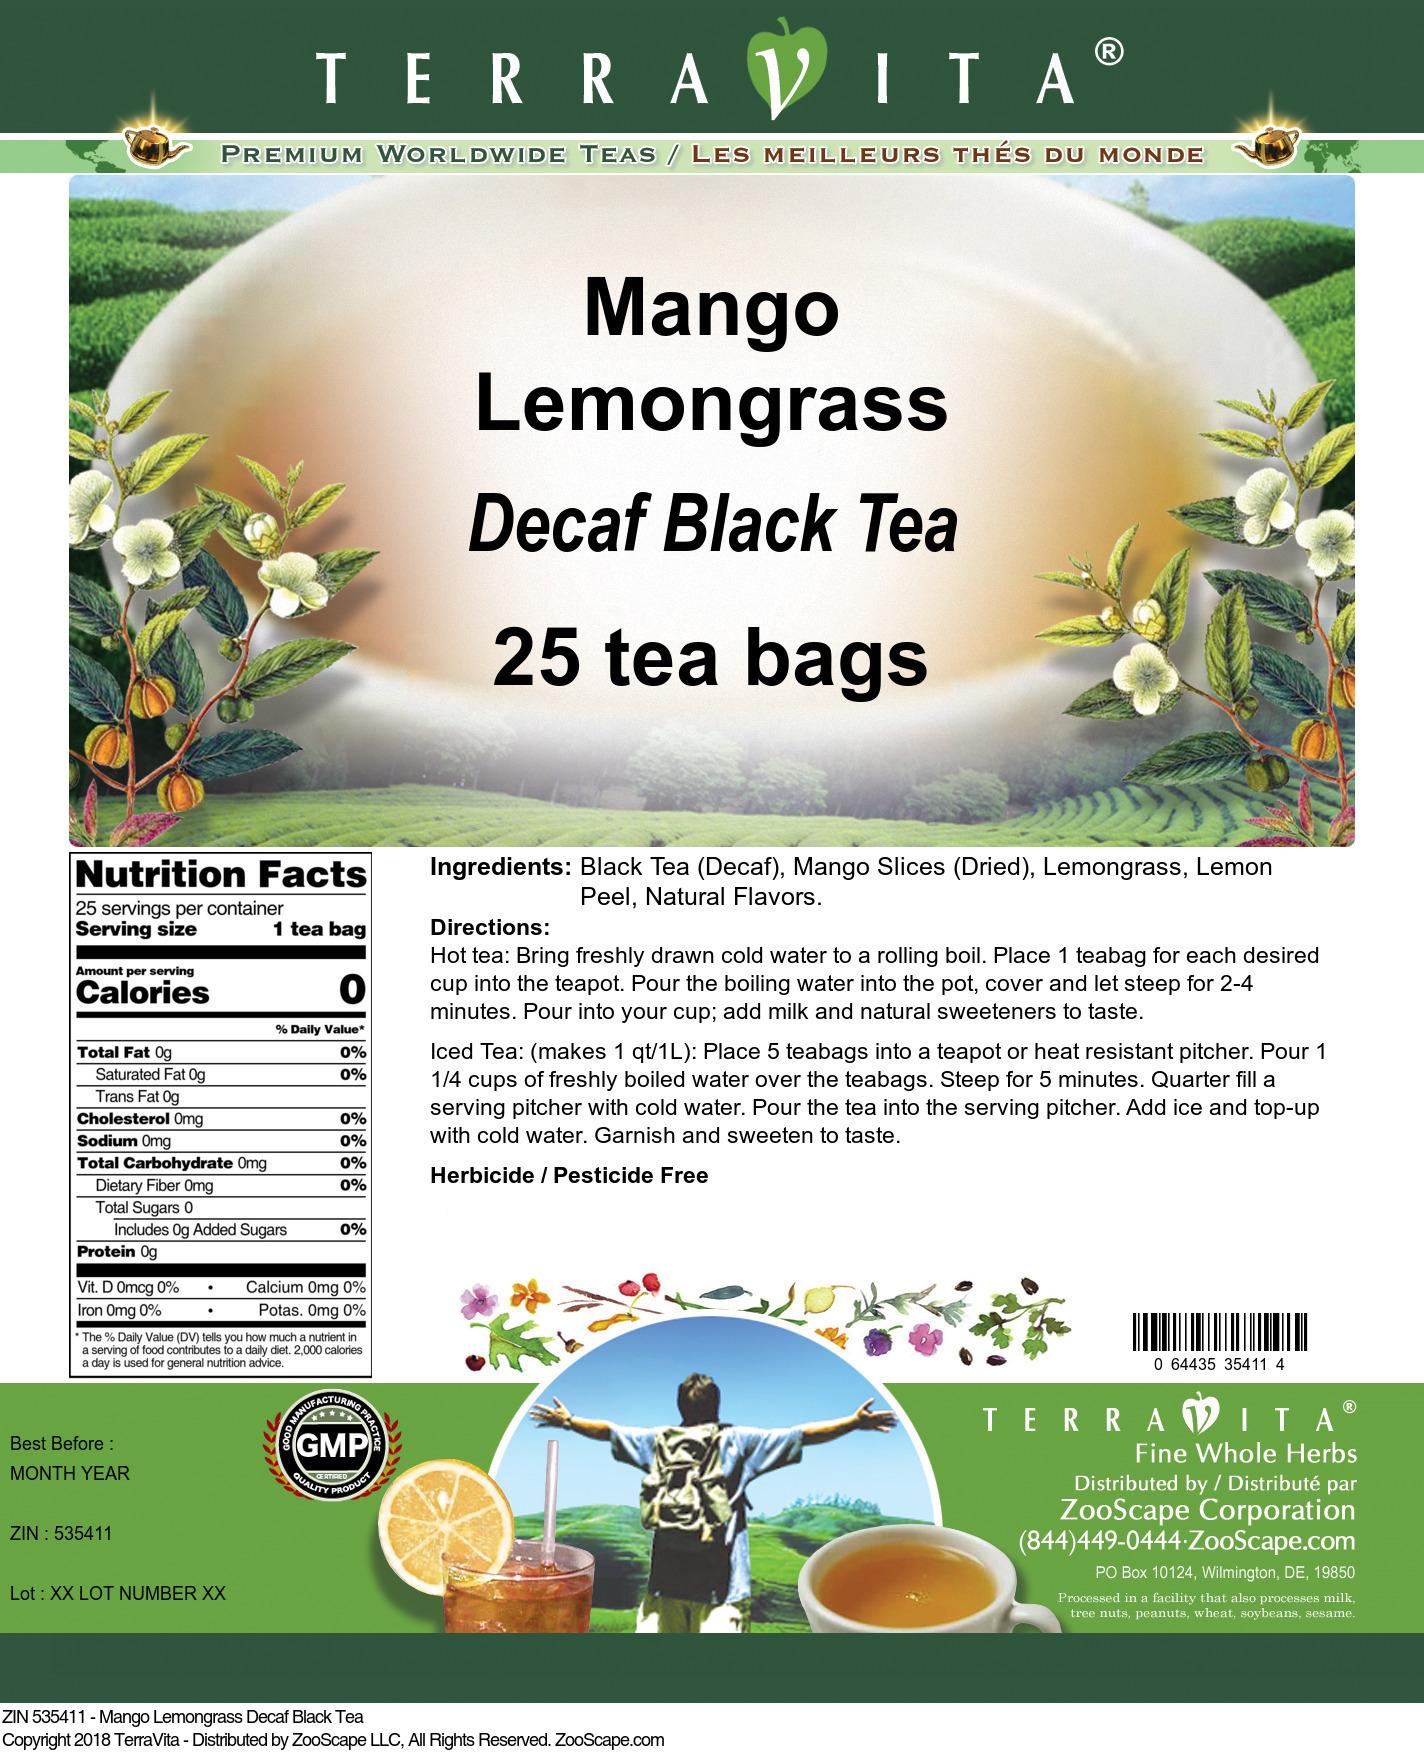 Mango Lemongrass Decaf Black Tea